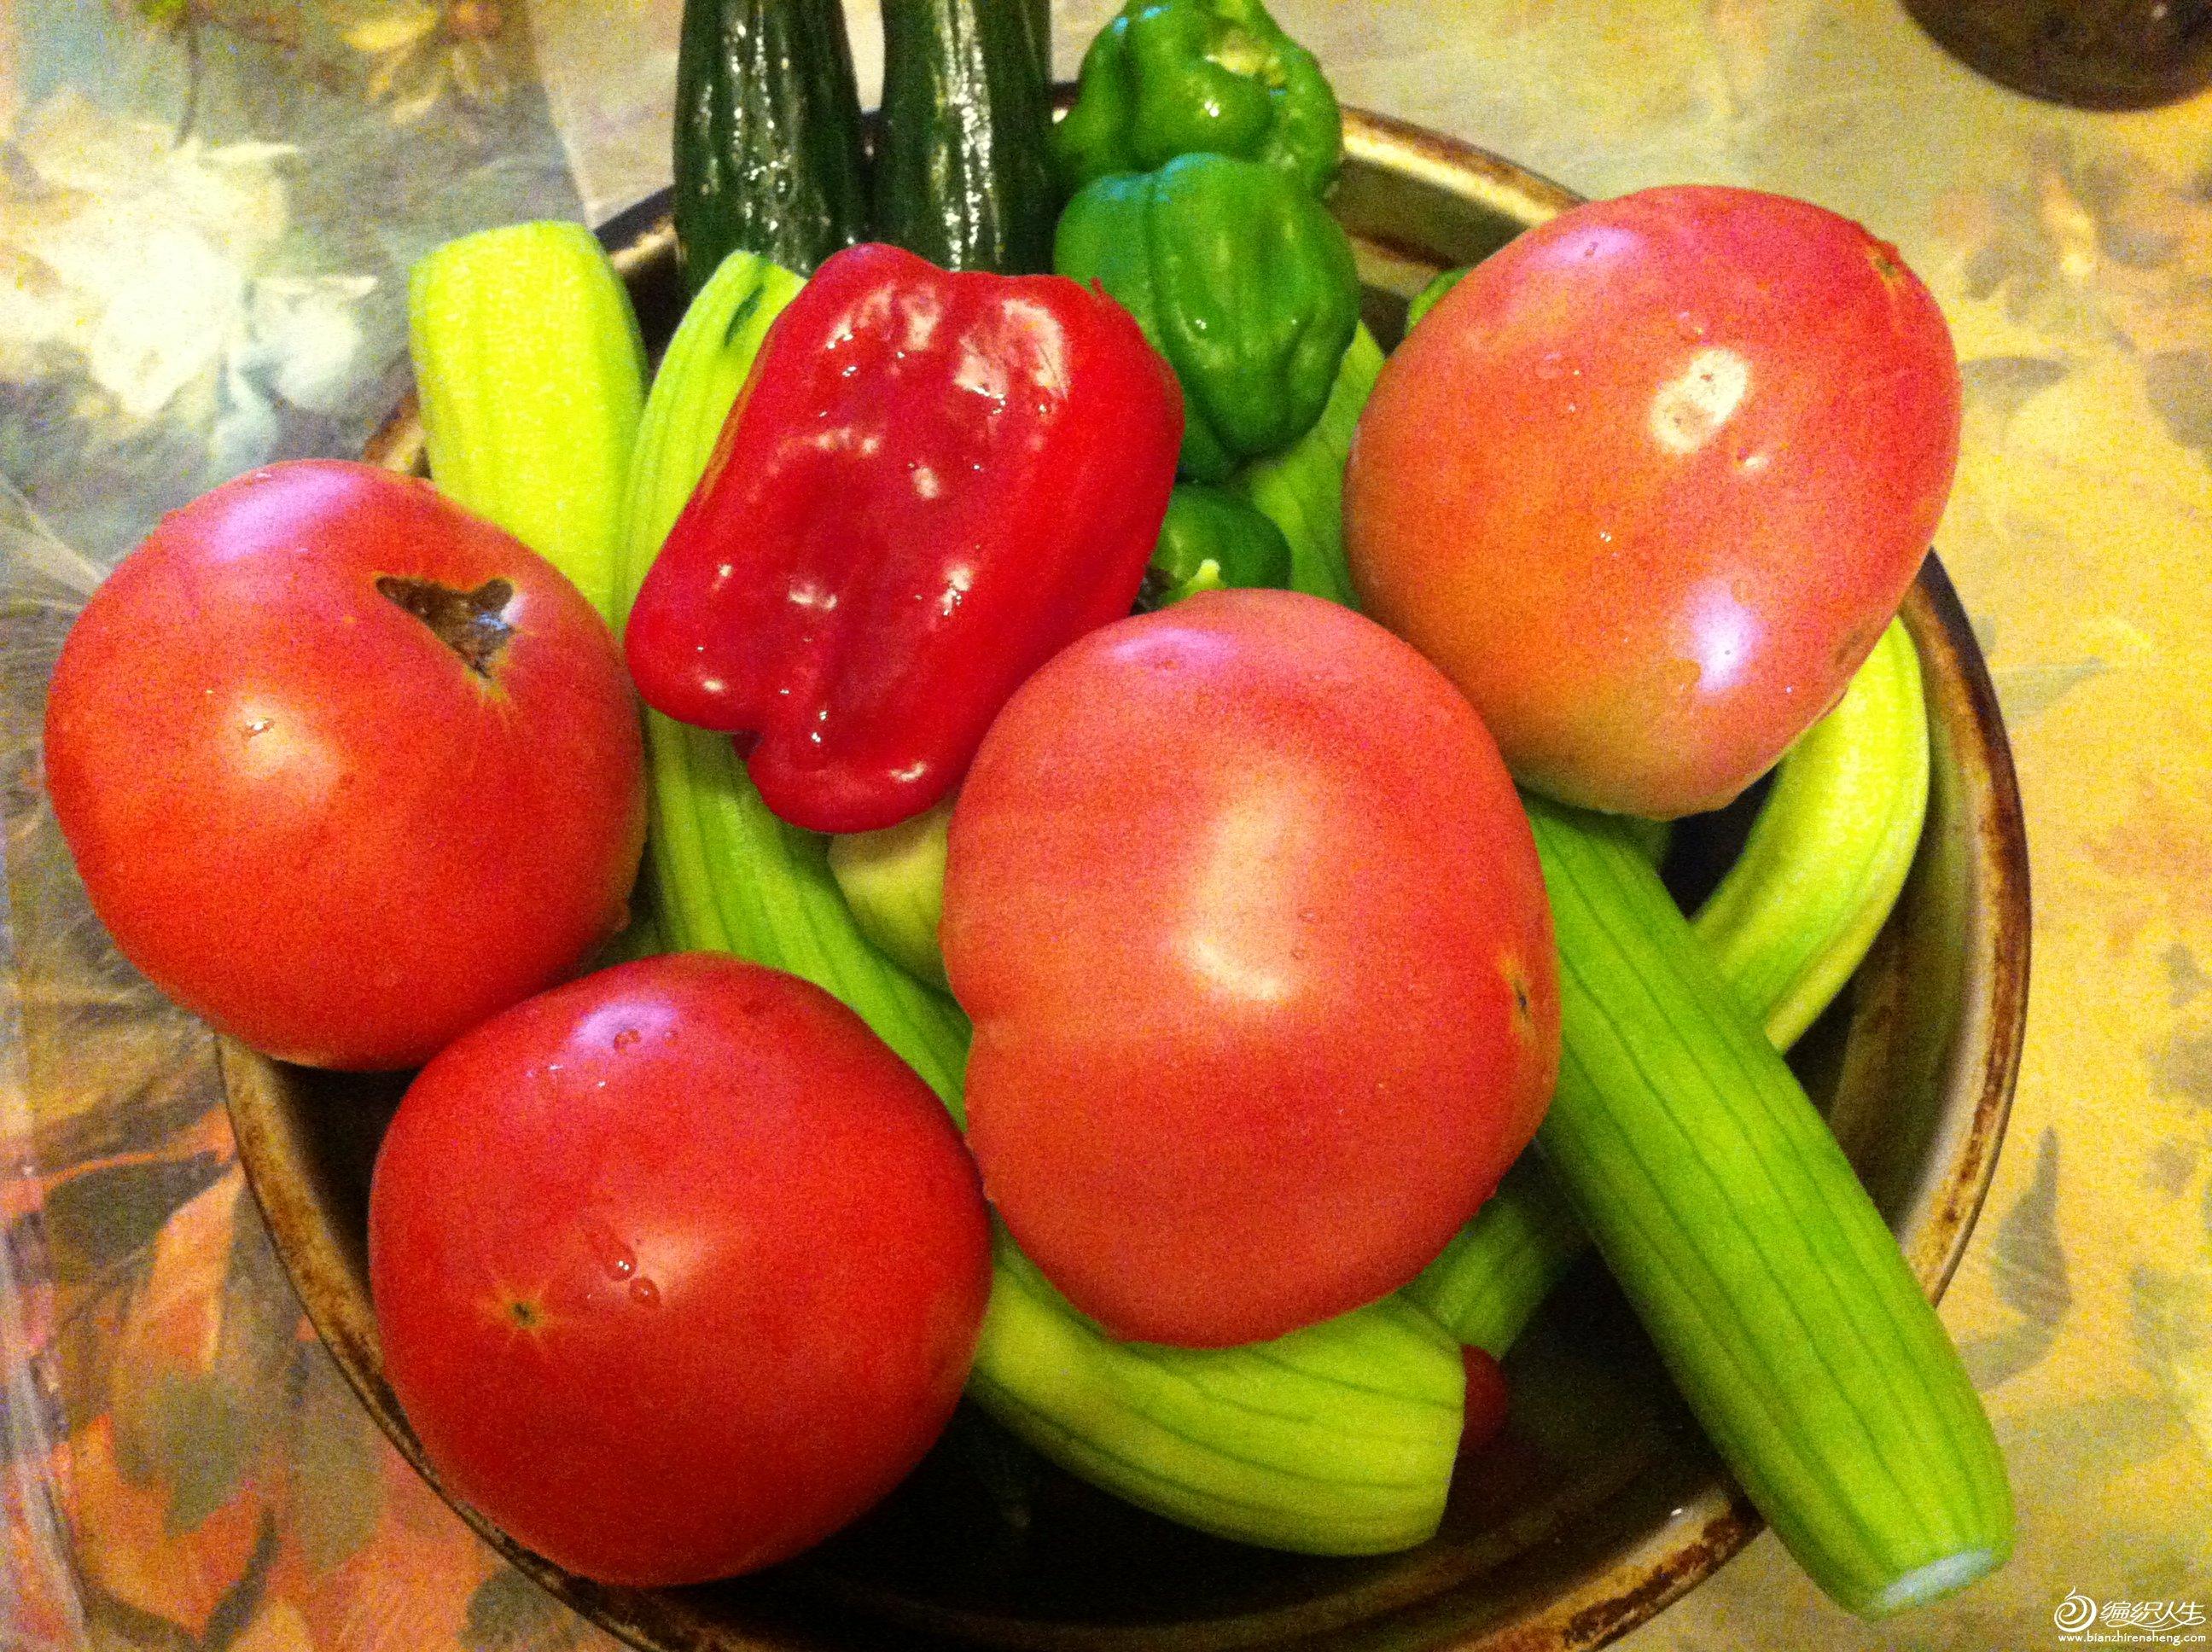 论坛 69 生活休闲区 69 休闲聊天区 69 水果蔬菜餐    马上注册